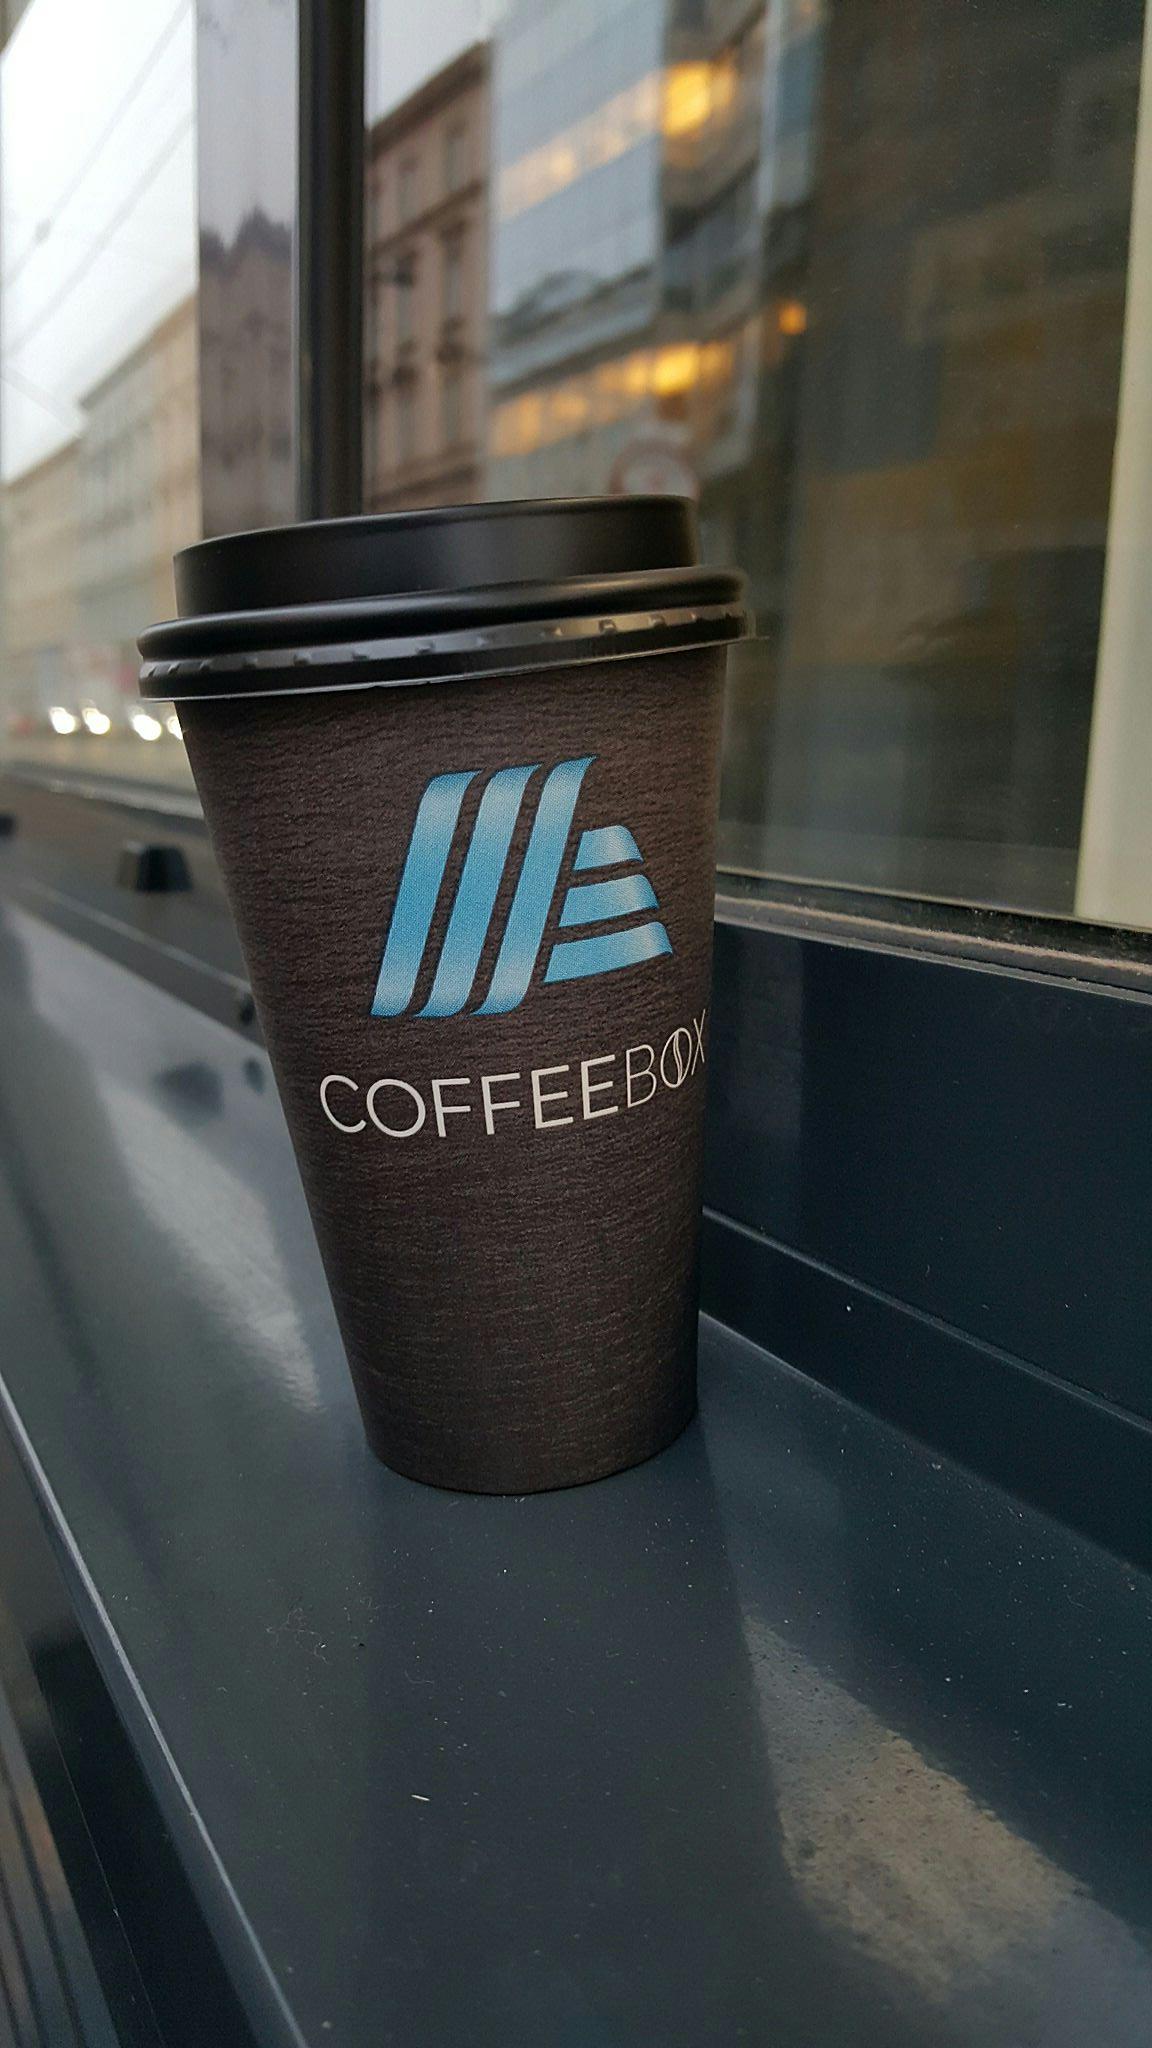 GRATIS Kaffee bei Hofer Rennweg (-30% auf Backwaren, Obst und Gemüse)